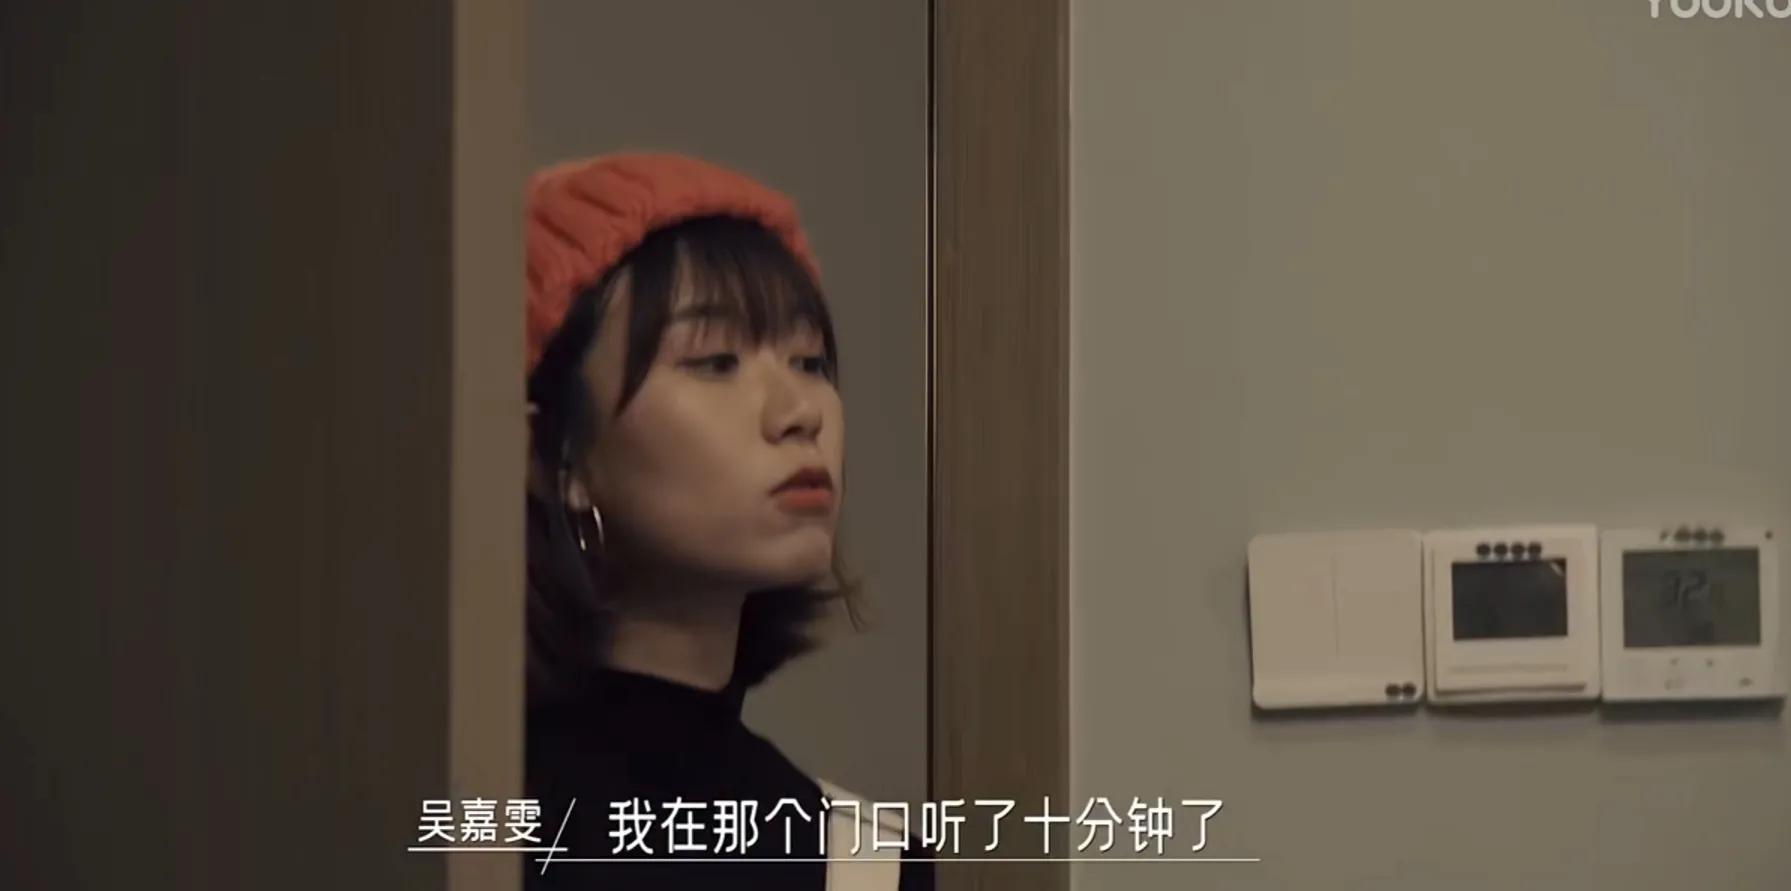 同一屋檐下:邓紫棋甜到尖叫,李诞说她太辛福,壕哥绝对不能看